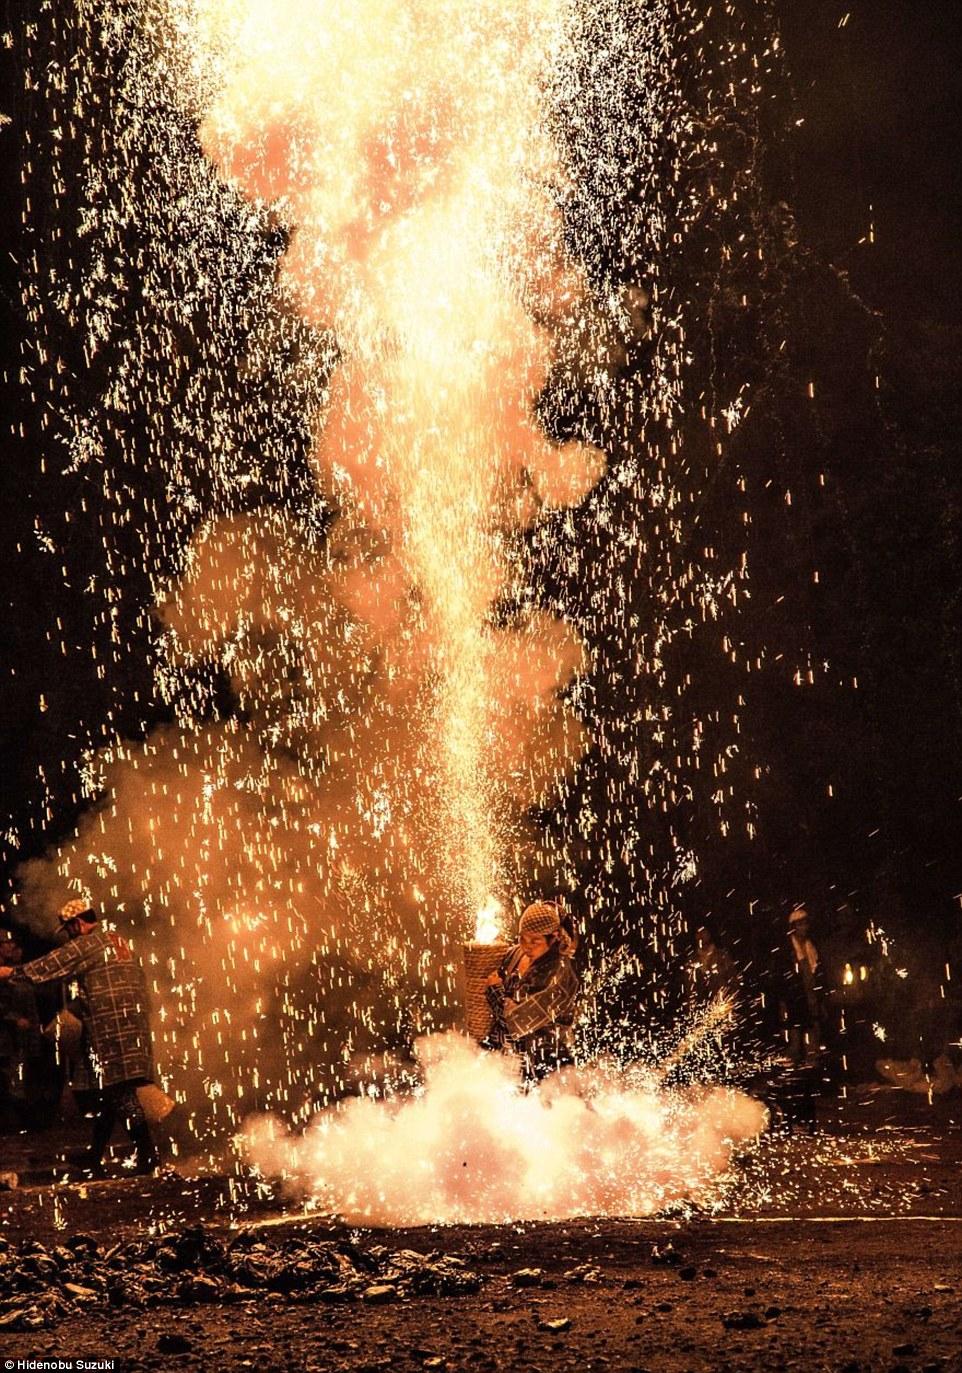 toyohashi gion matsuri fireworks by hide suzuki (7)